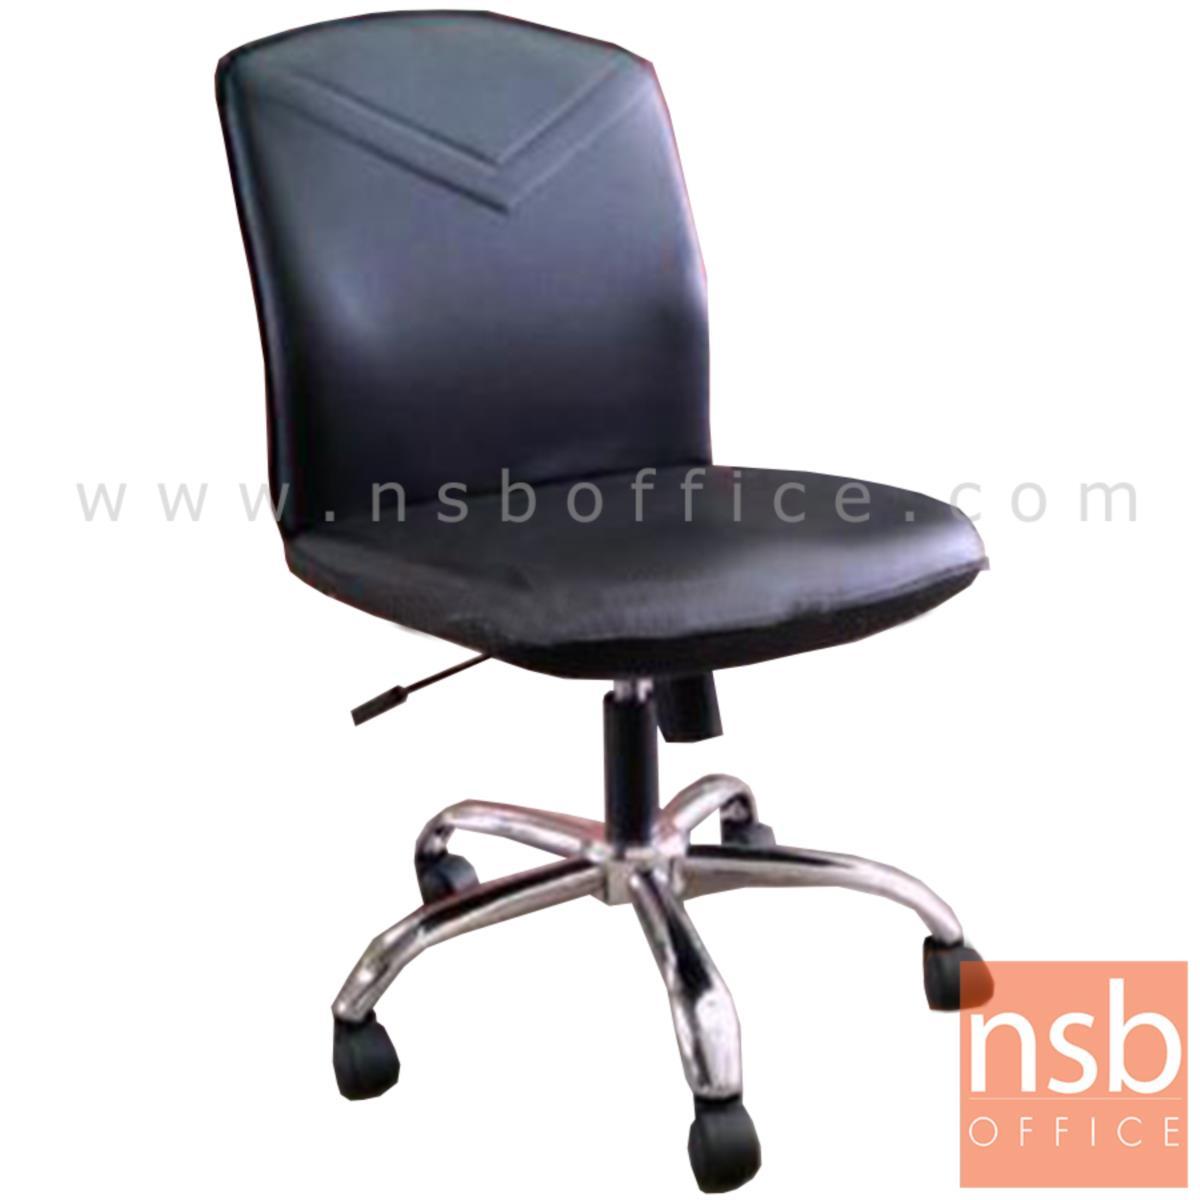 B03A386:เก้าอี้สำนักงาน รุ่น Renfro (เรนโฟร)  โช๊คแก๊ส มีก้อนโยก ขาเหล็กชุบโครเมียม